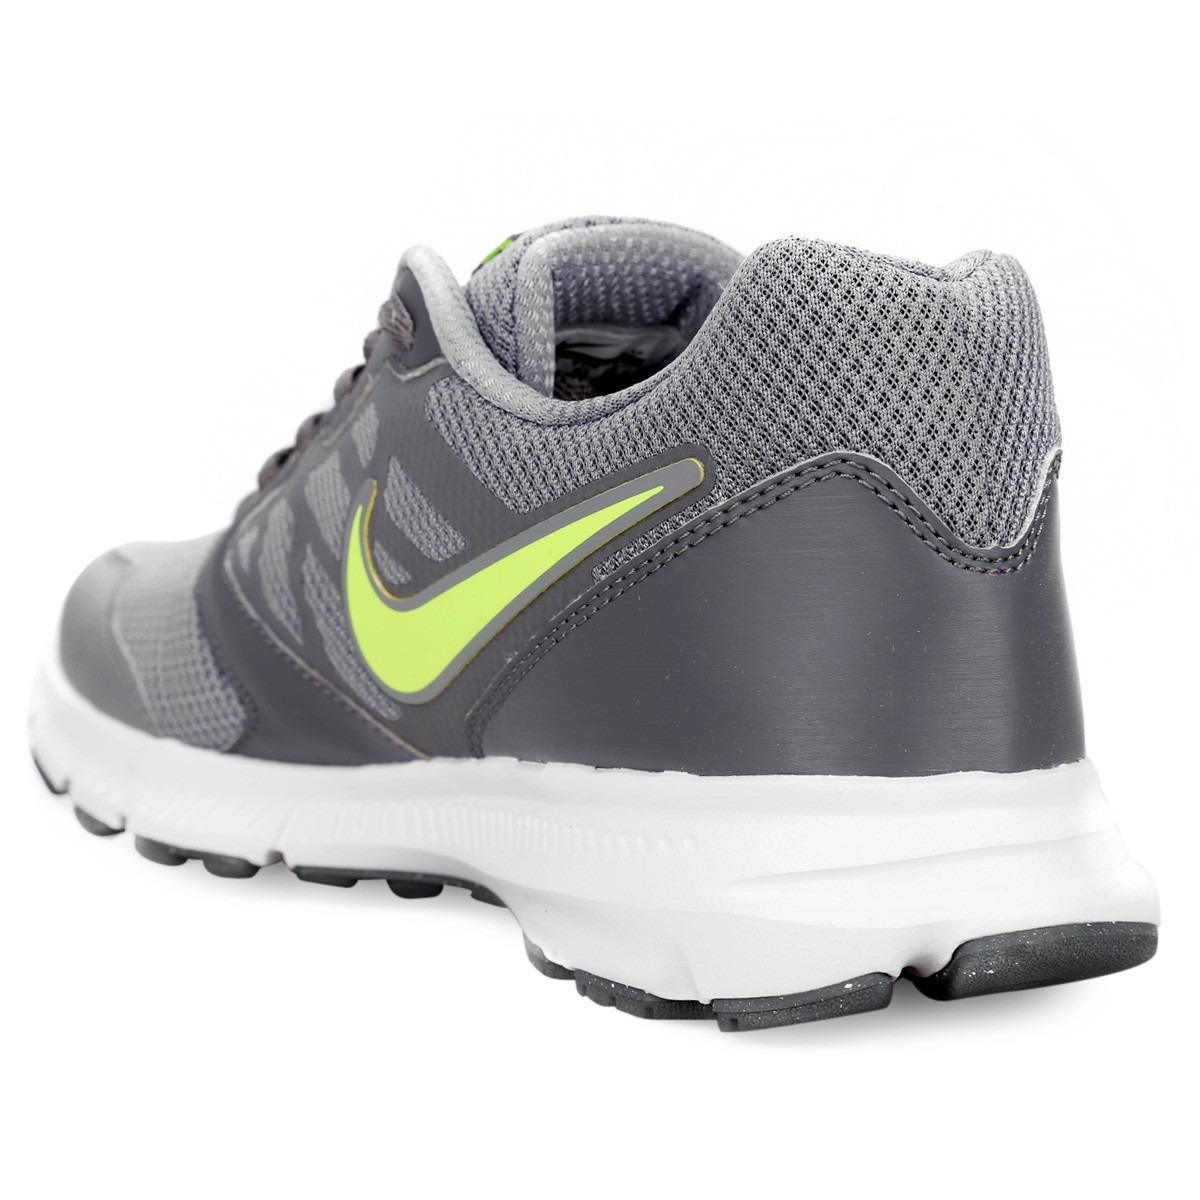 9f549ce977 Zapatillas Nike Downshifter 6 Msl (originales En Caja) - $ 2.890,00 ...